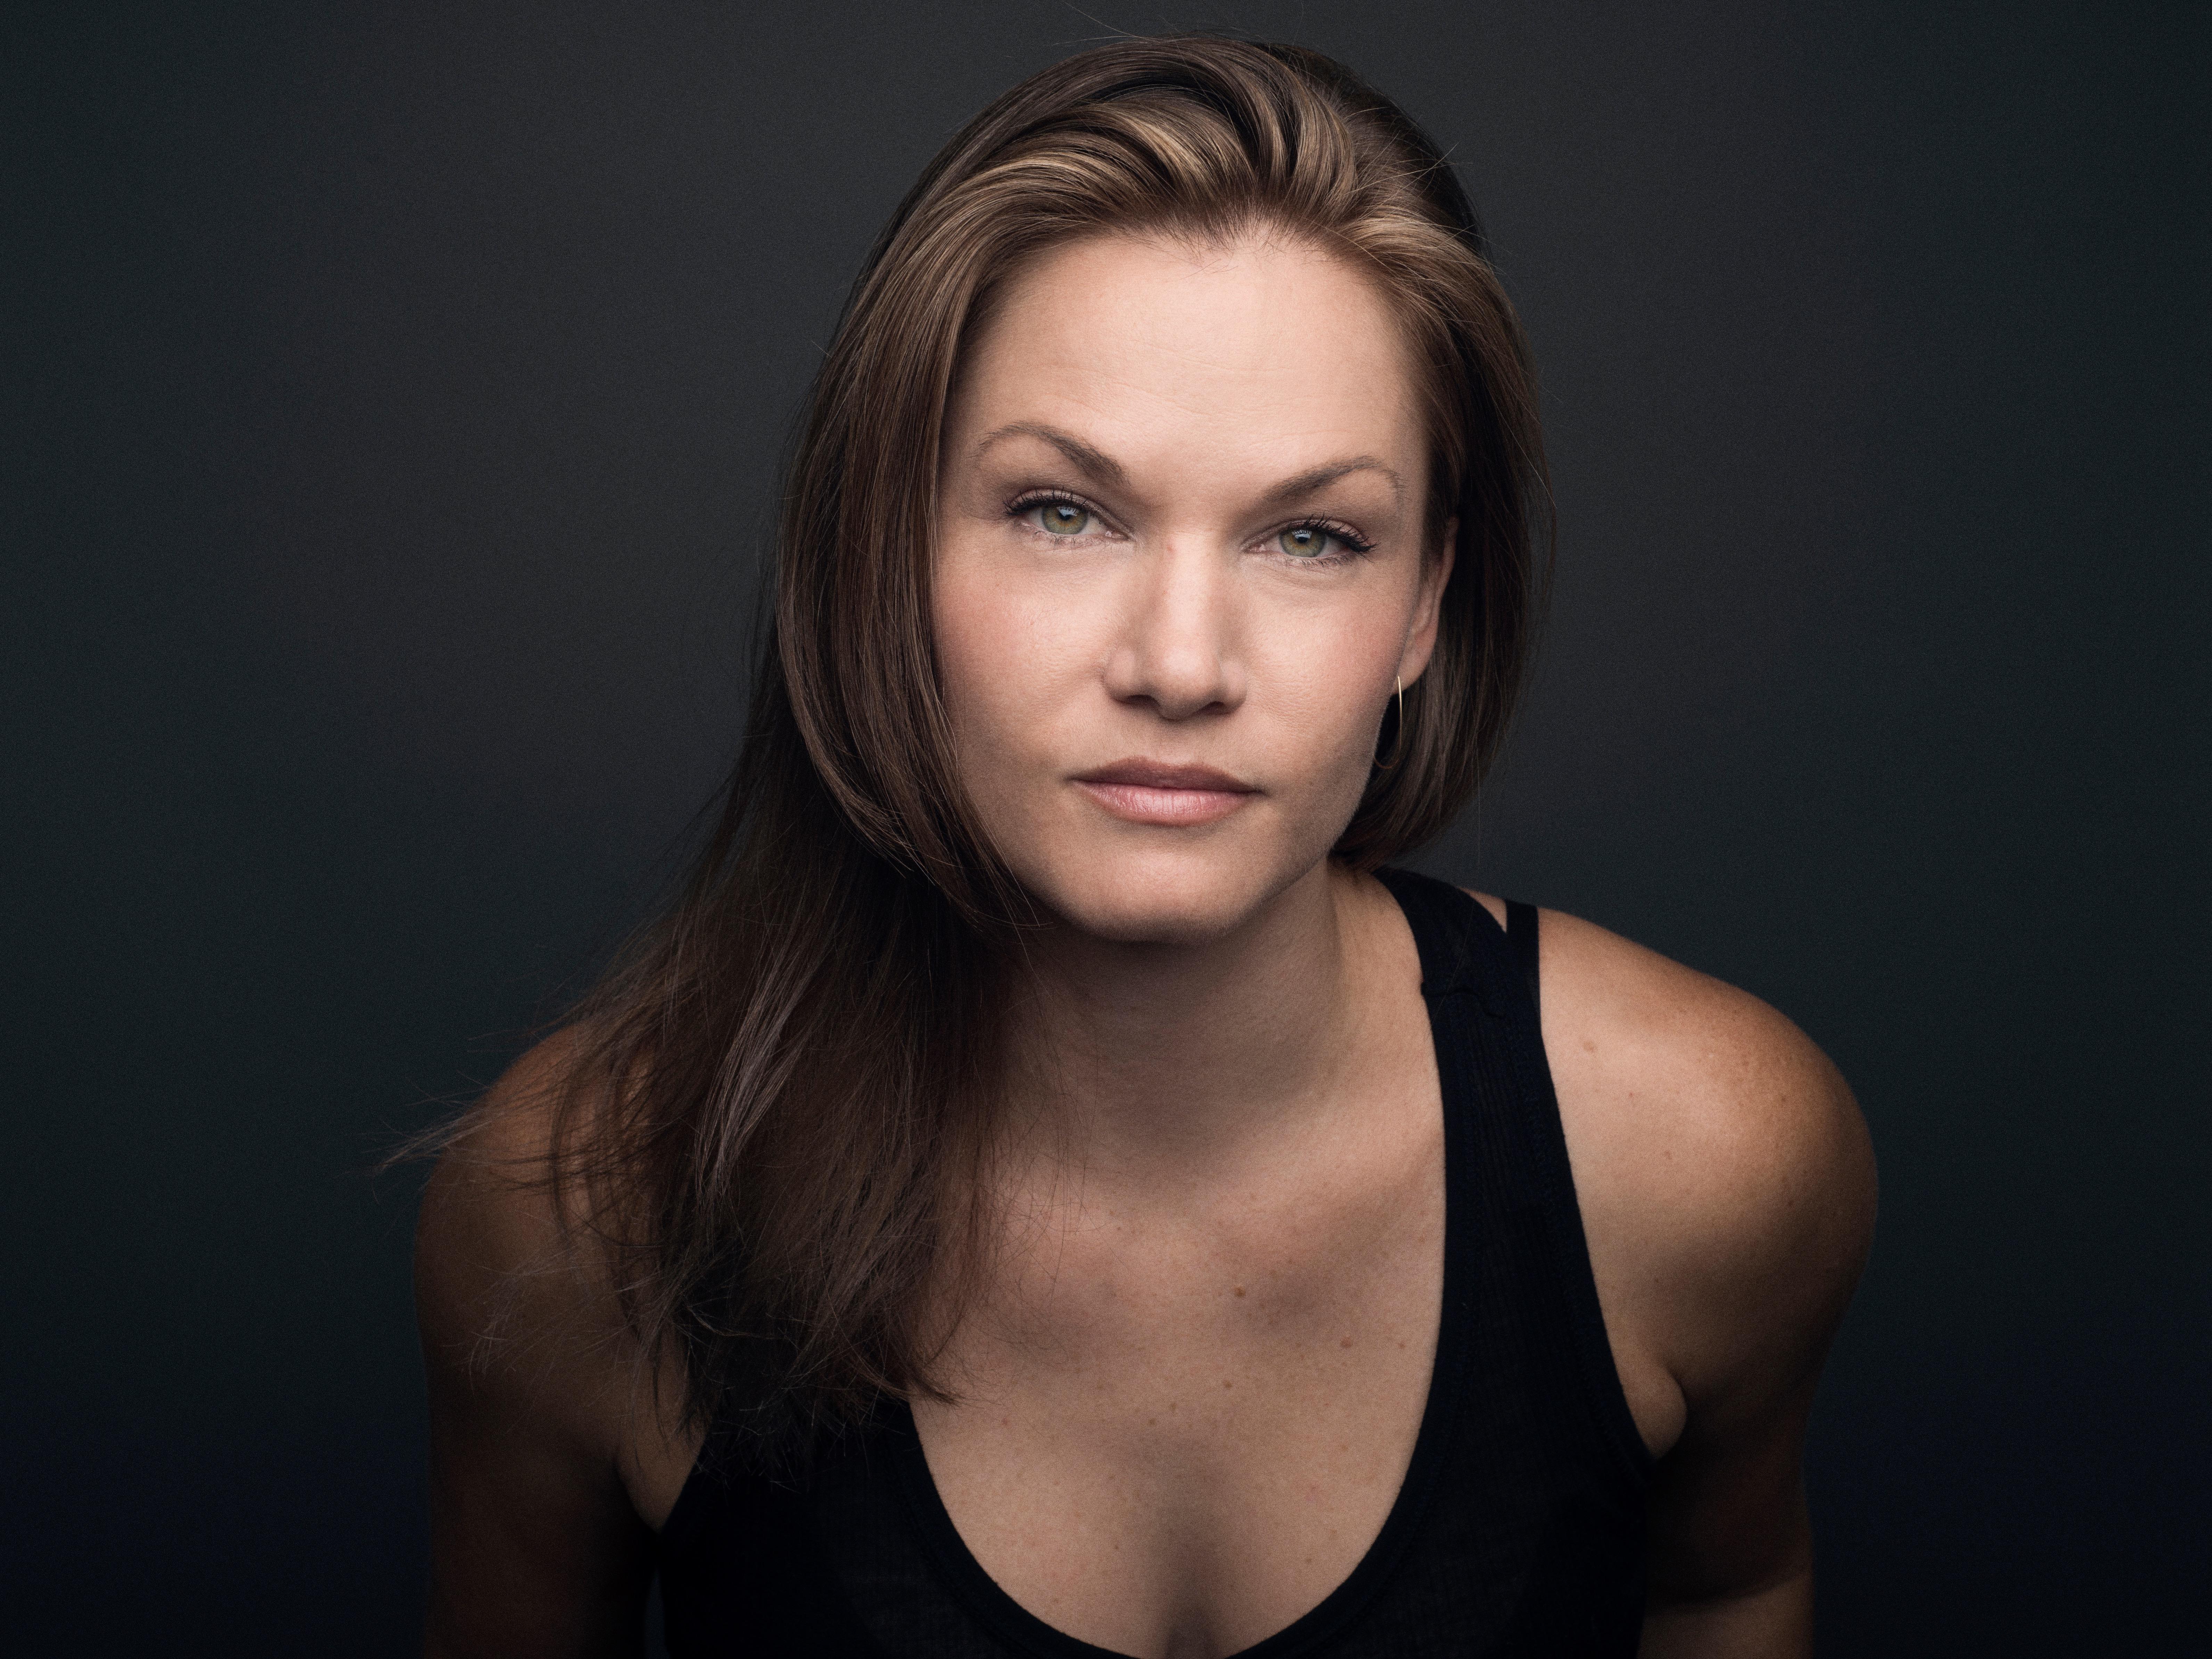 Rachel Kimsey